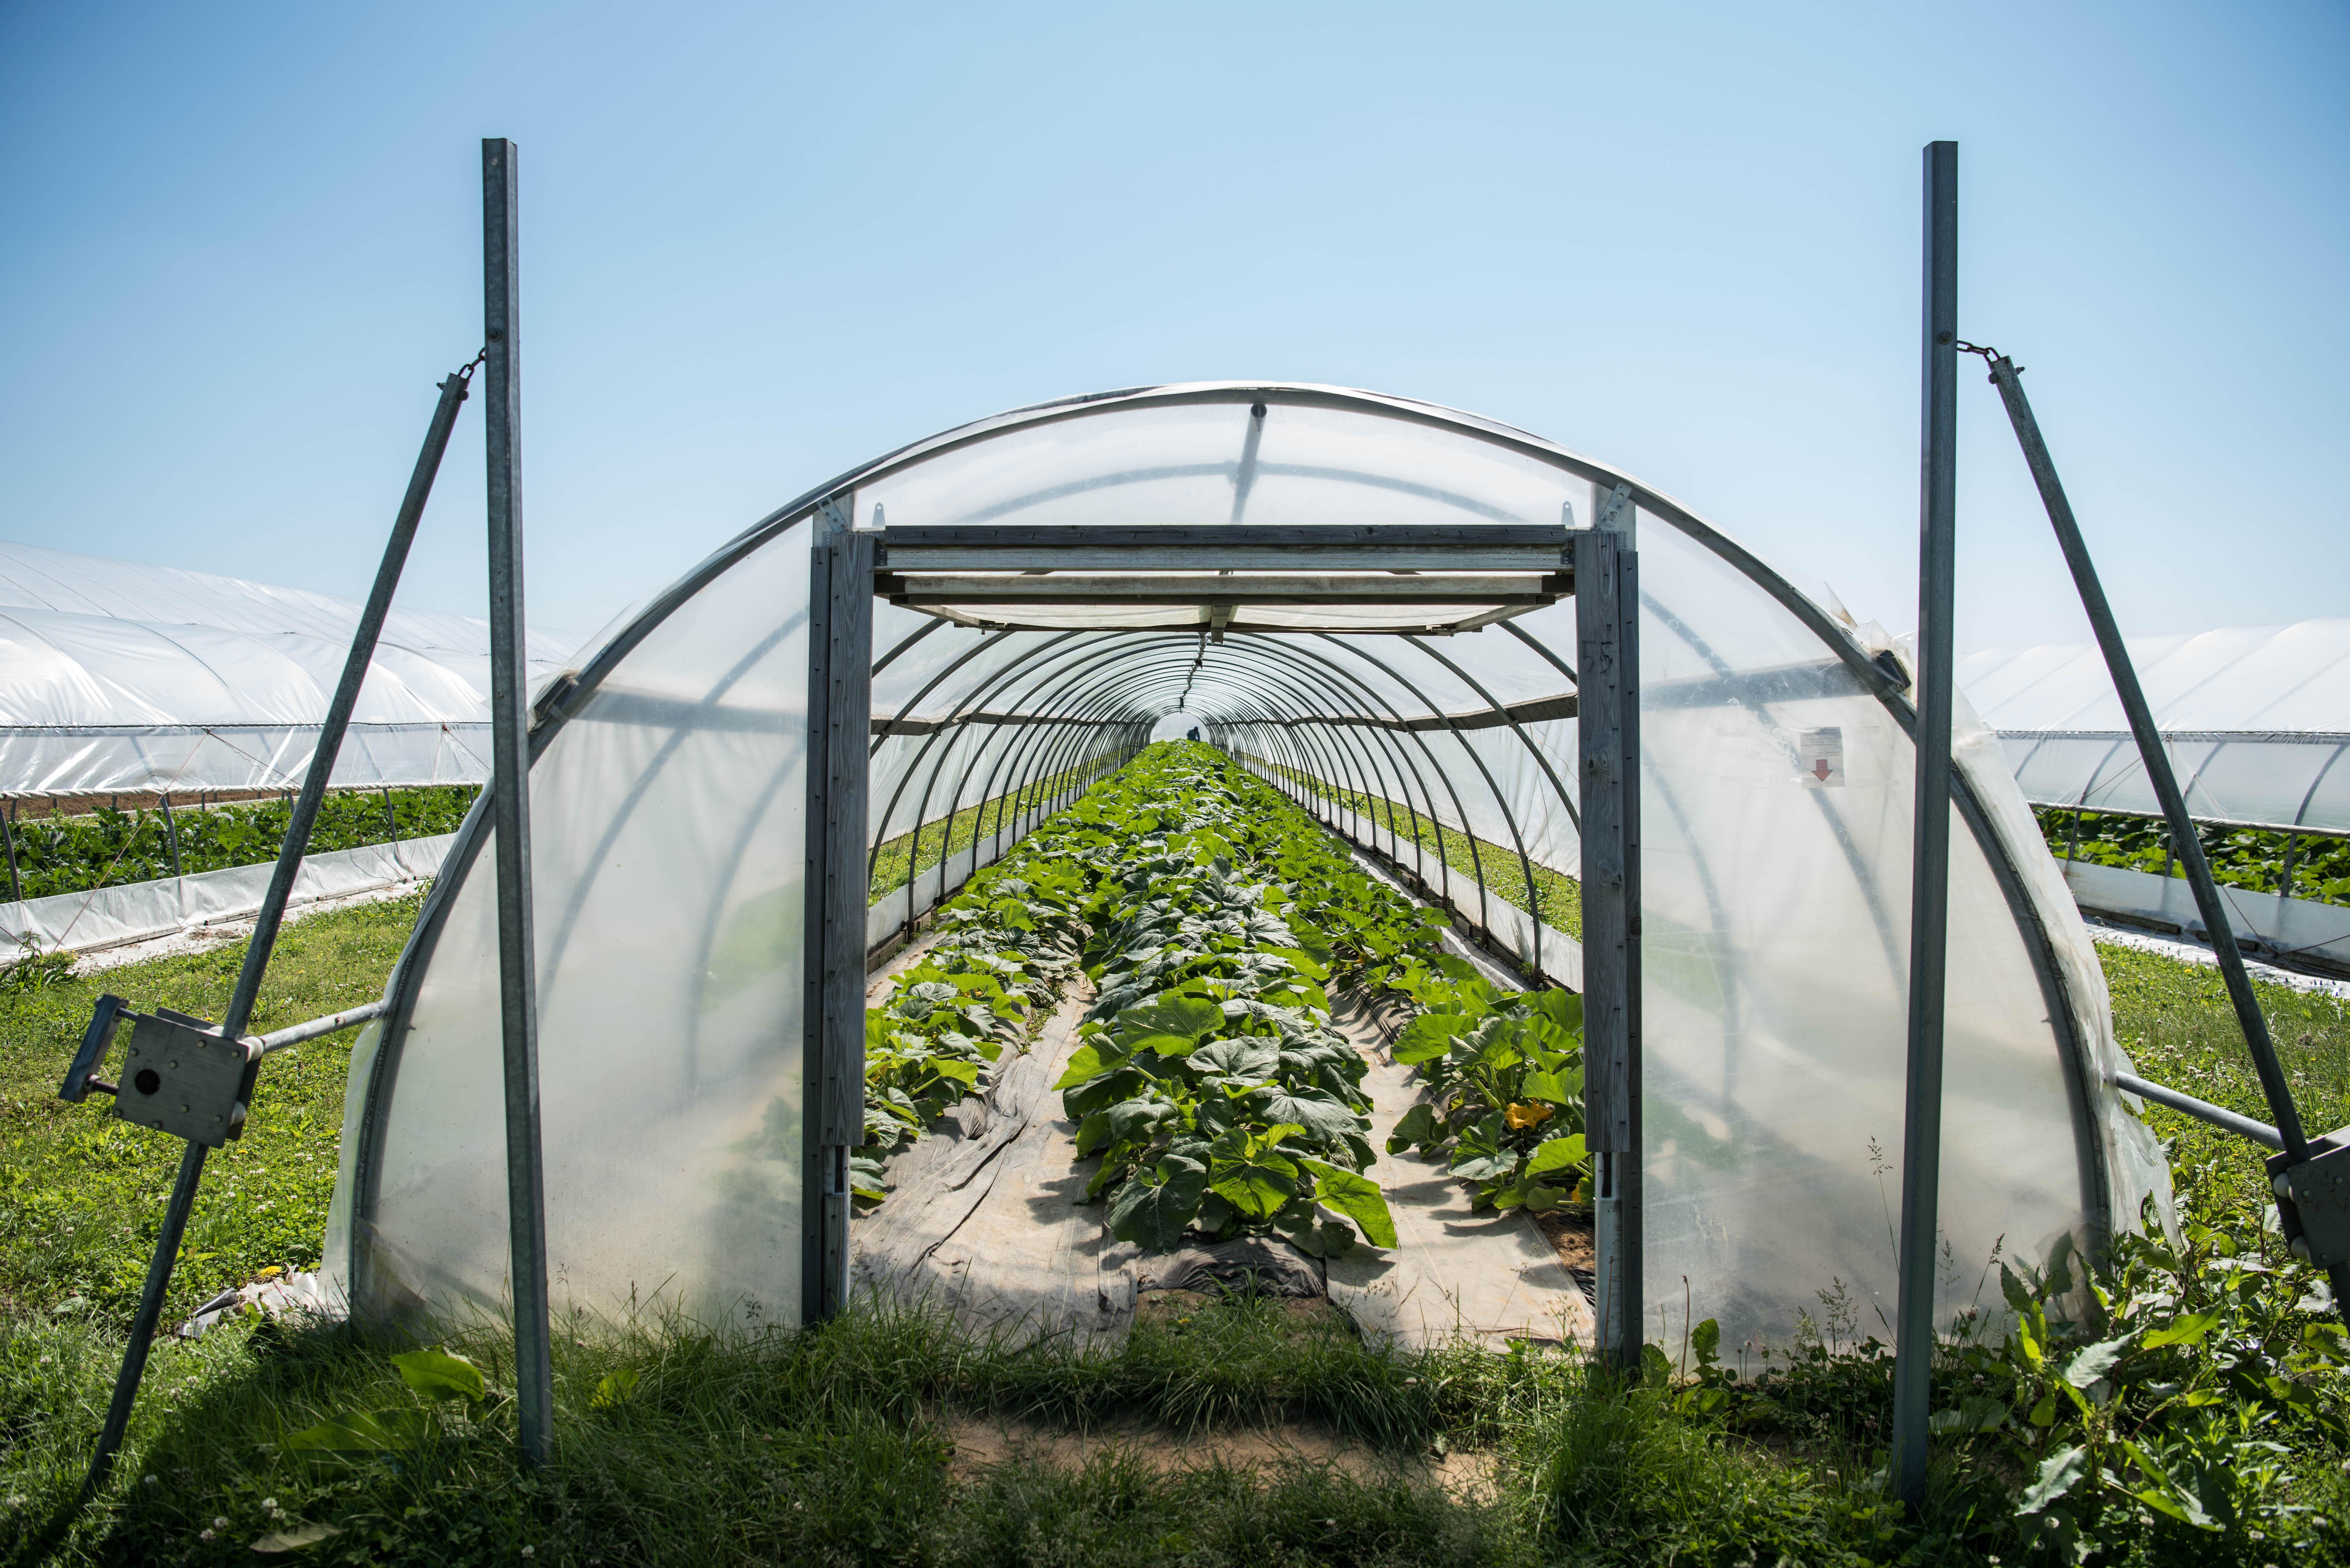 Chef Garden: Farmer Lee Jones: List Of Top Ten Summer Crops In 2017